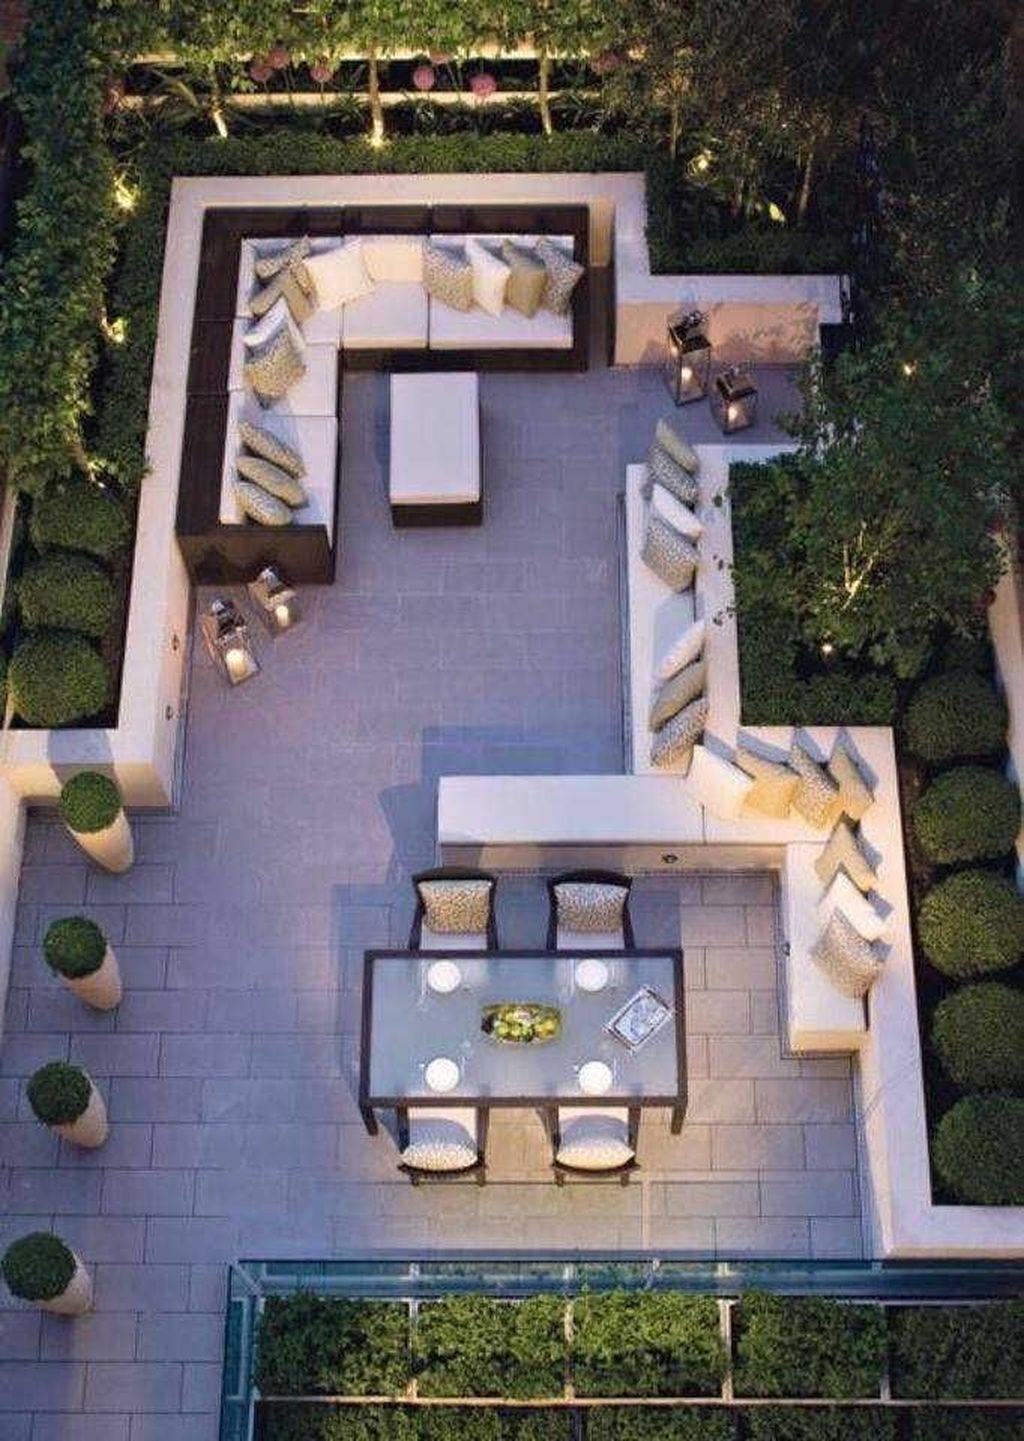 36 Beautiful Modern Nails With Bombastic Design: 36 Beautiful Small Backyard Landscaping Ideas